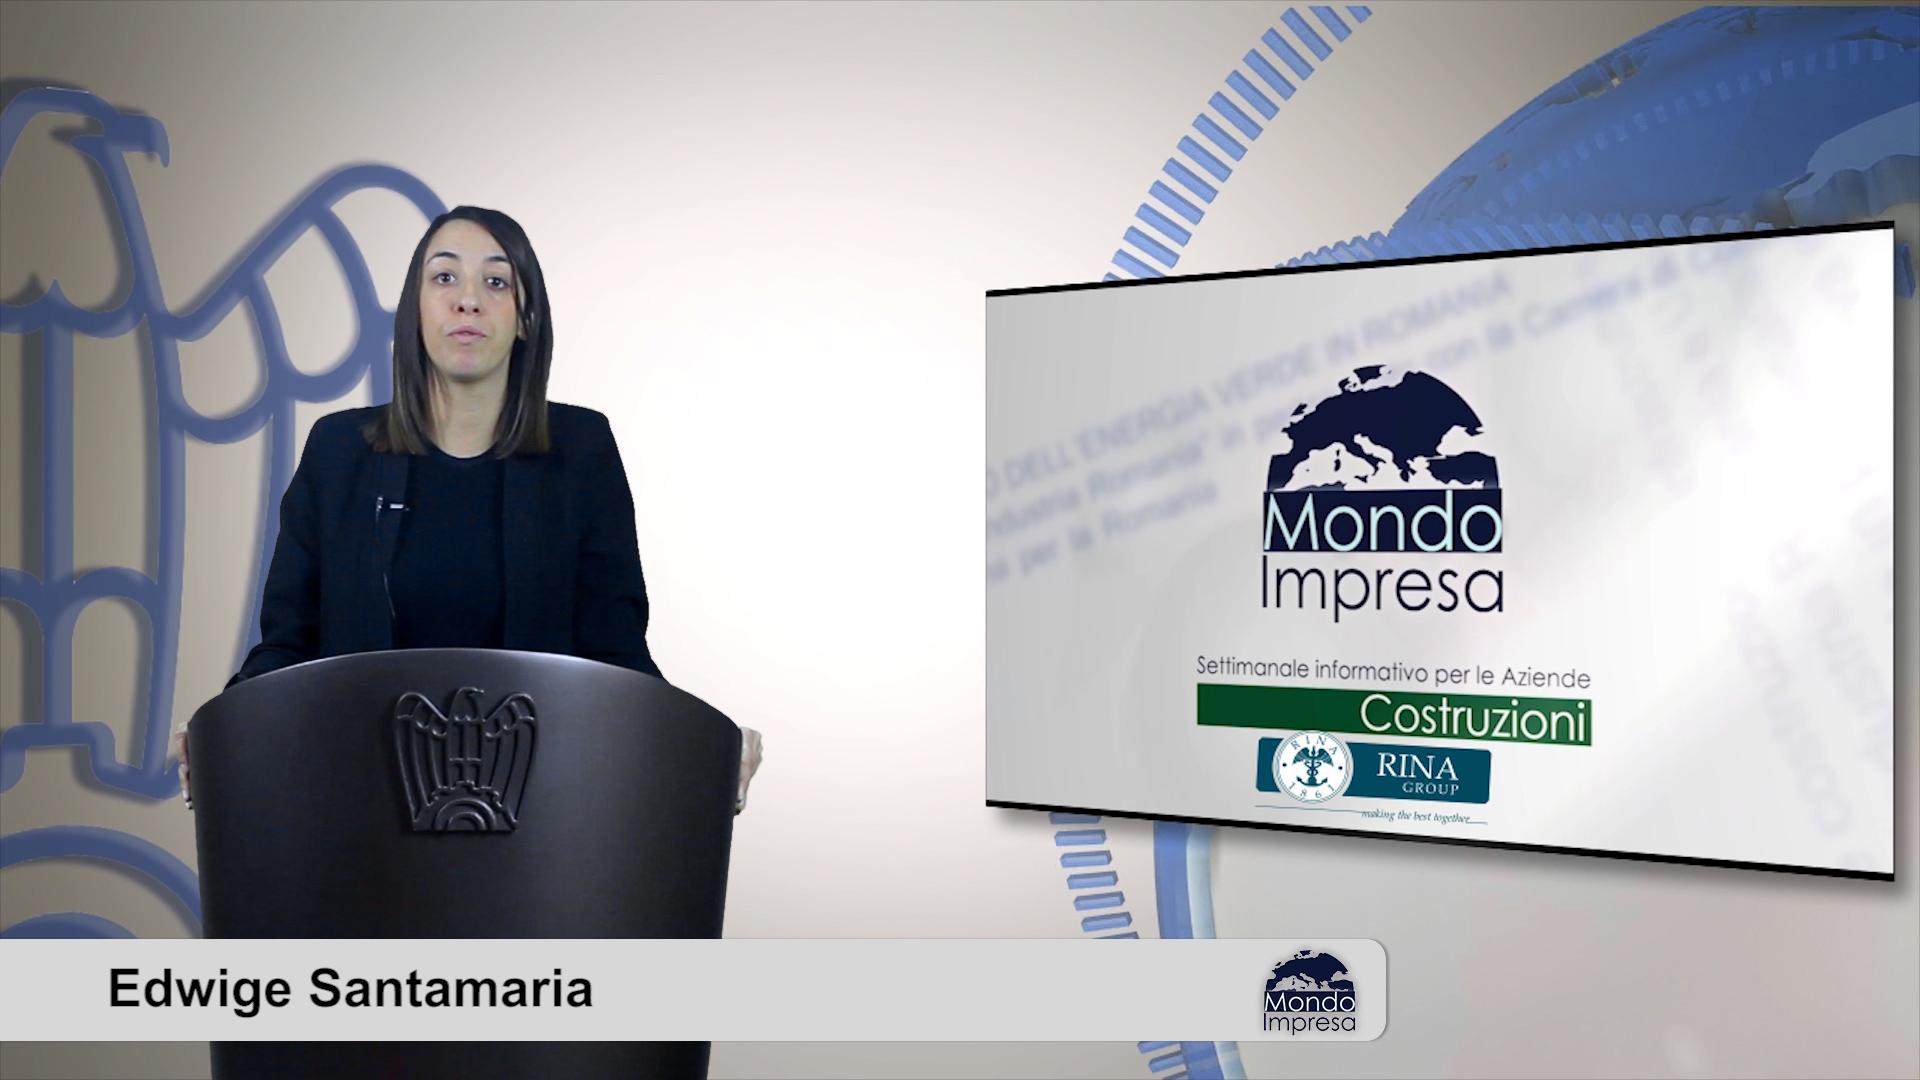 Mondo Impresa Costruzioni – 14.03.2017